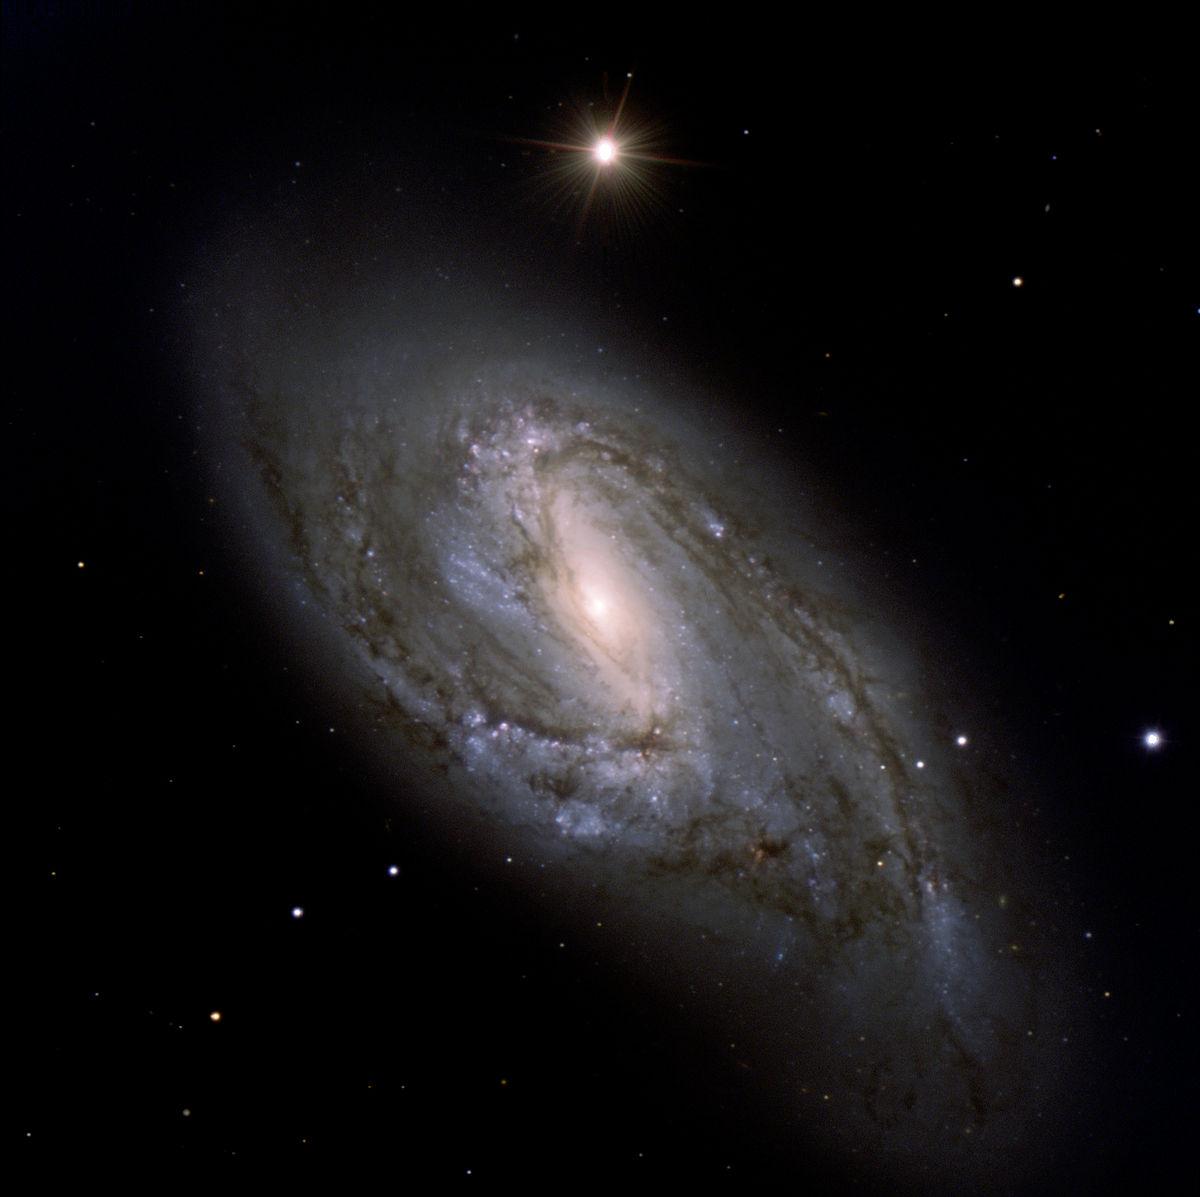 ESO: Aufnahme des Very Large Telescopes von Messier 66. Der helle Stern unmittelbar oberhalb trägt die Bezeichnung BD+13°2389 / SAO99560.